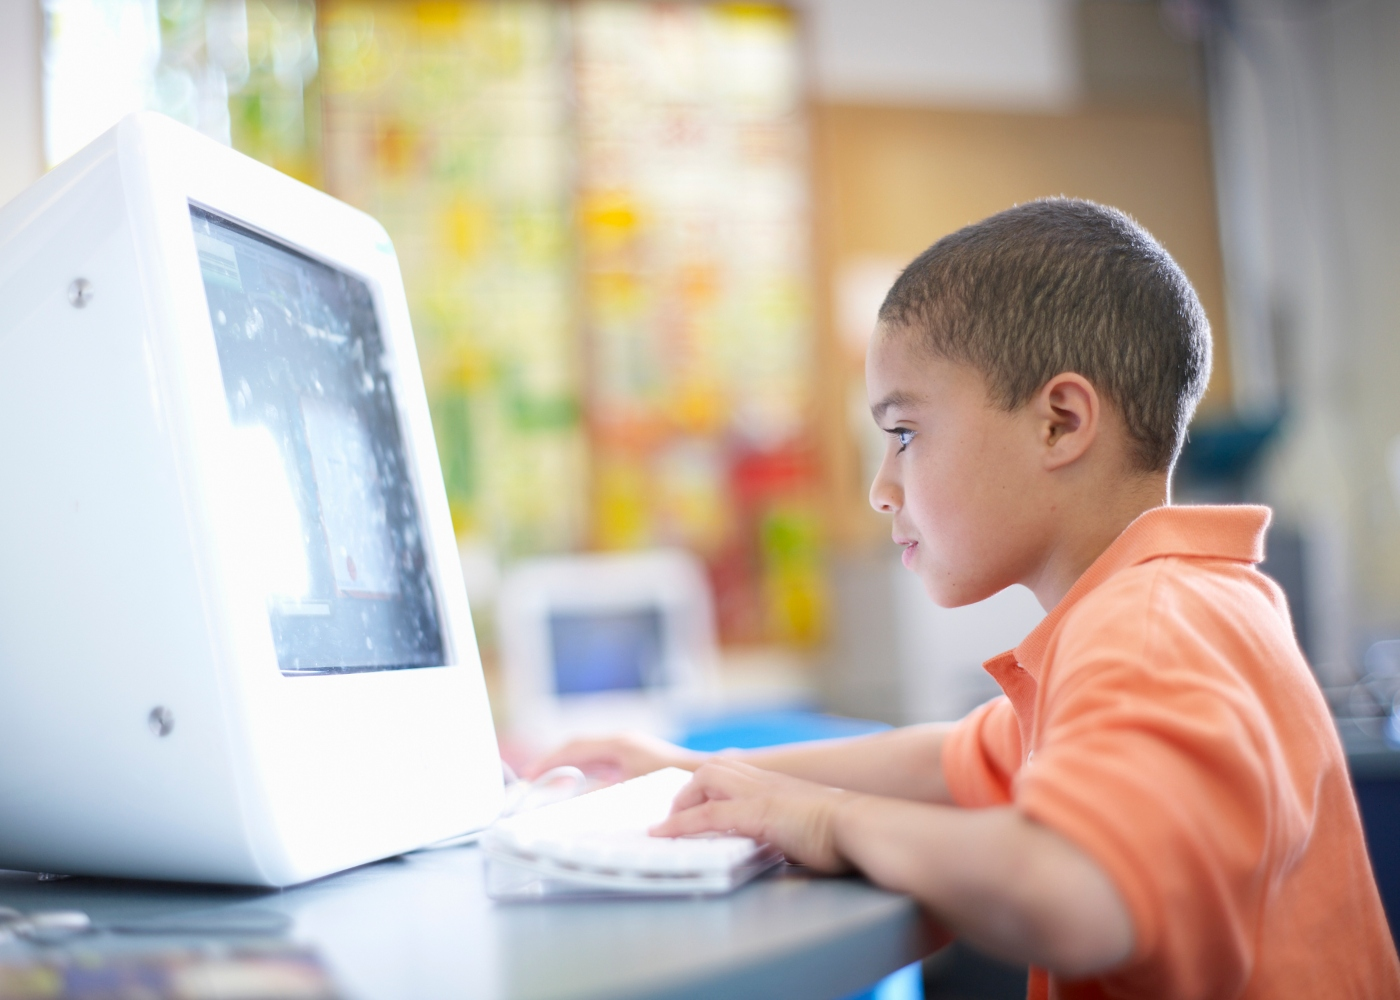 criança ao computador a utilizar manuais digitais